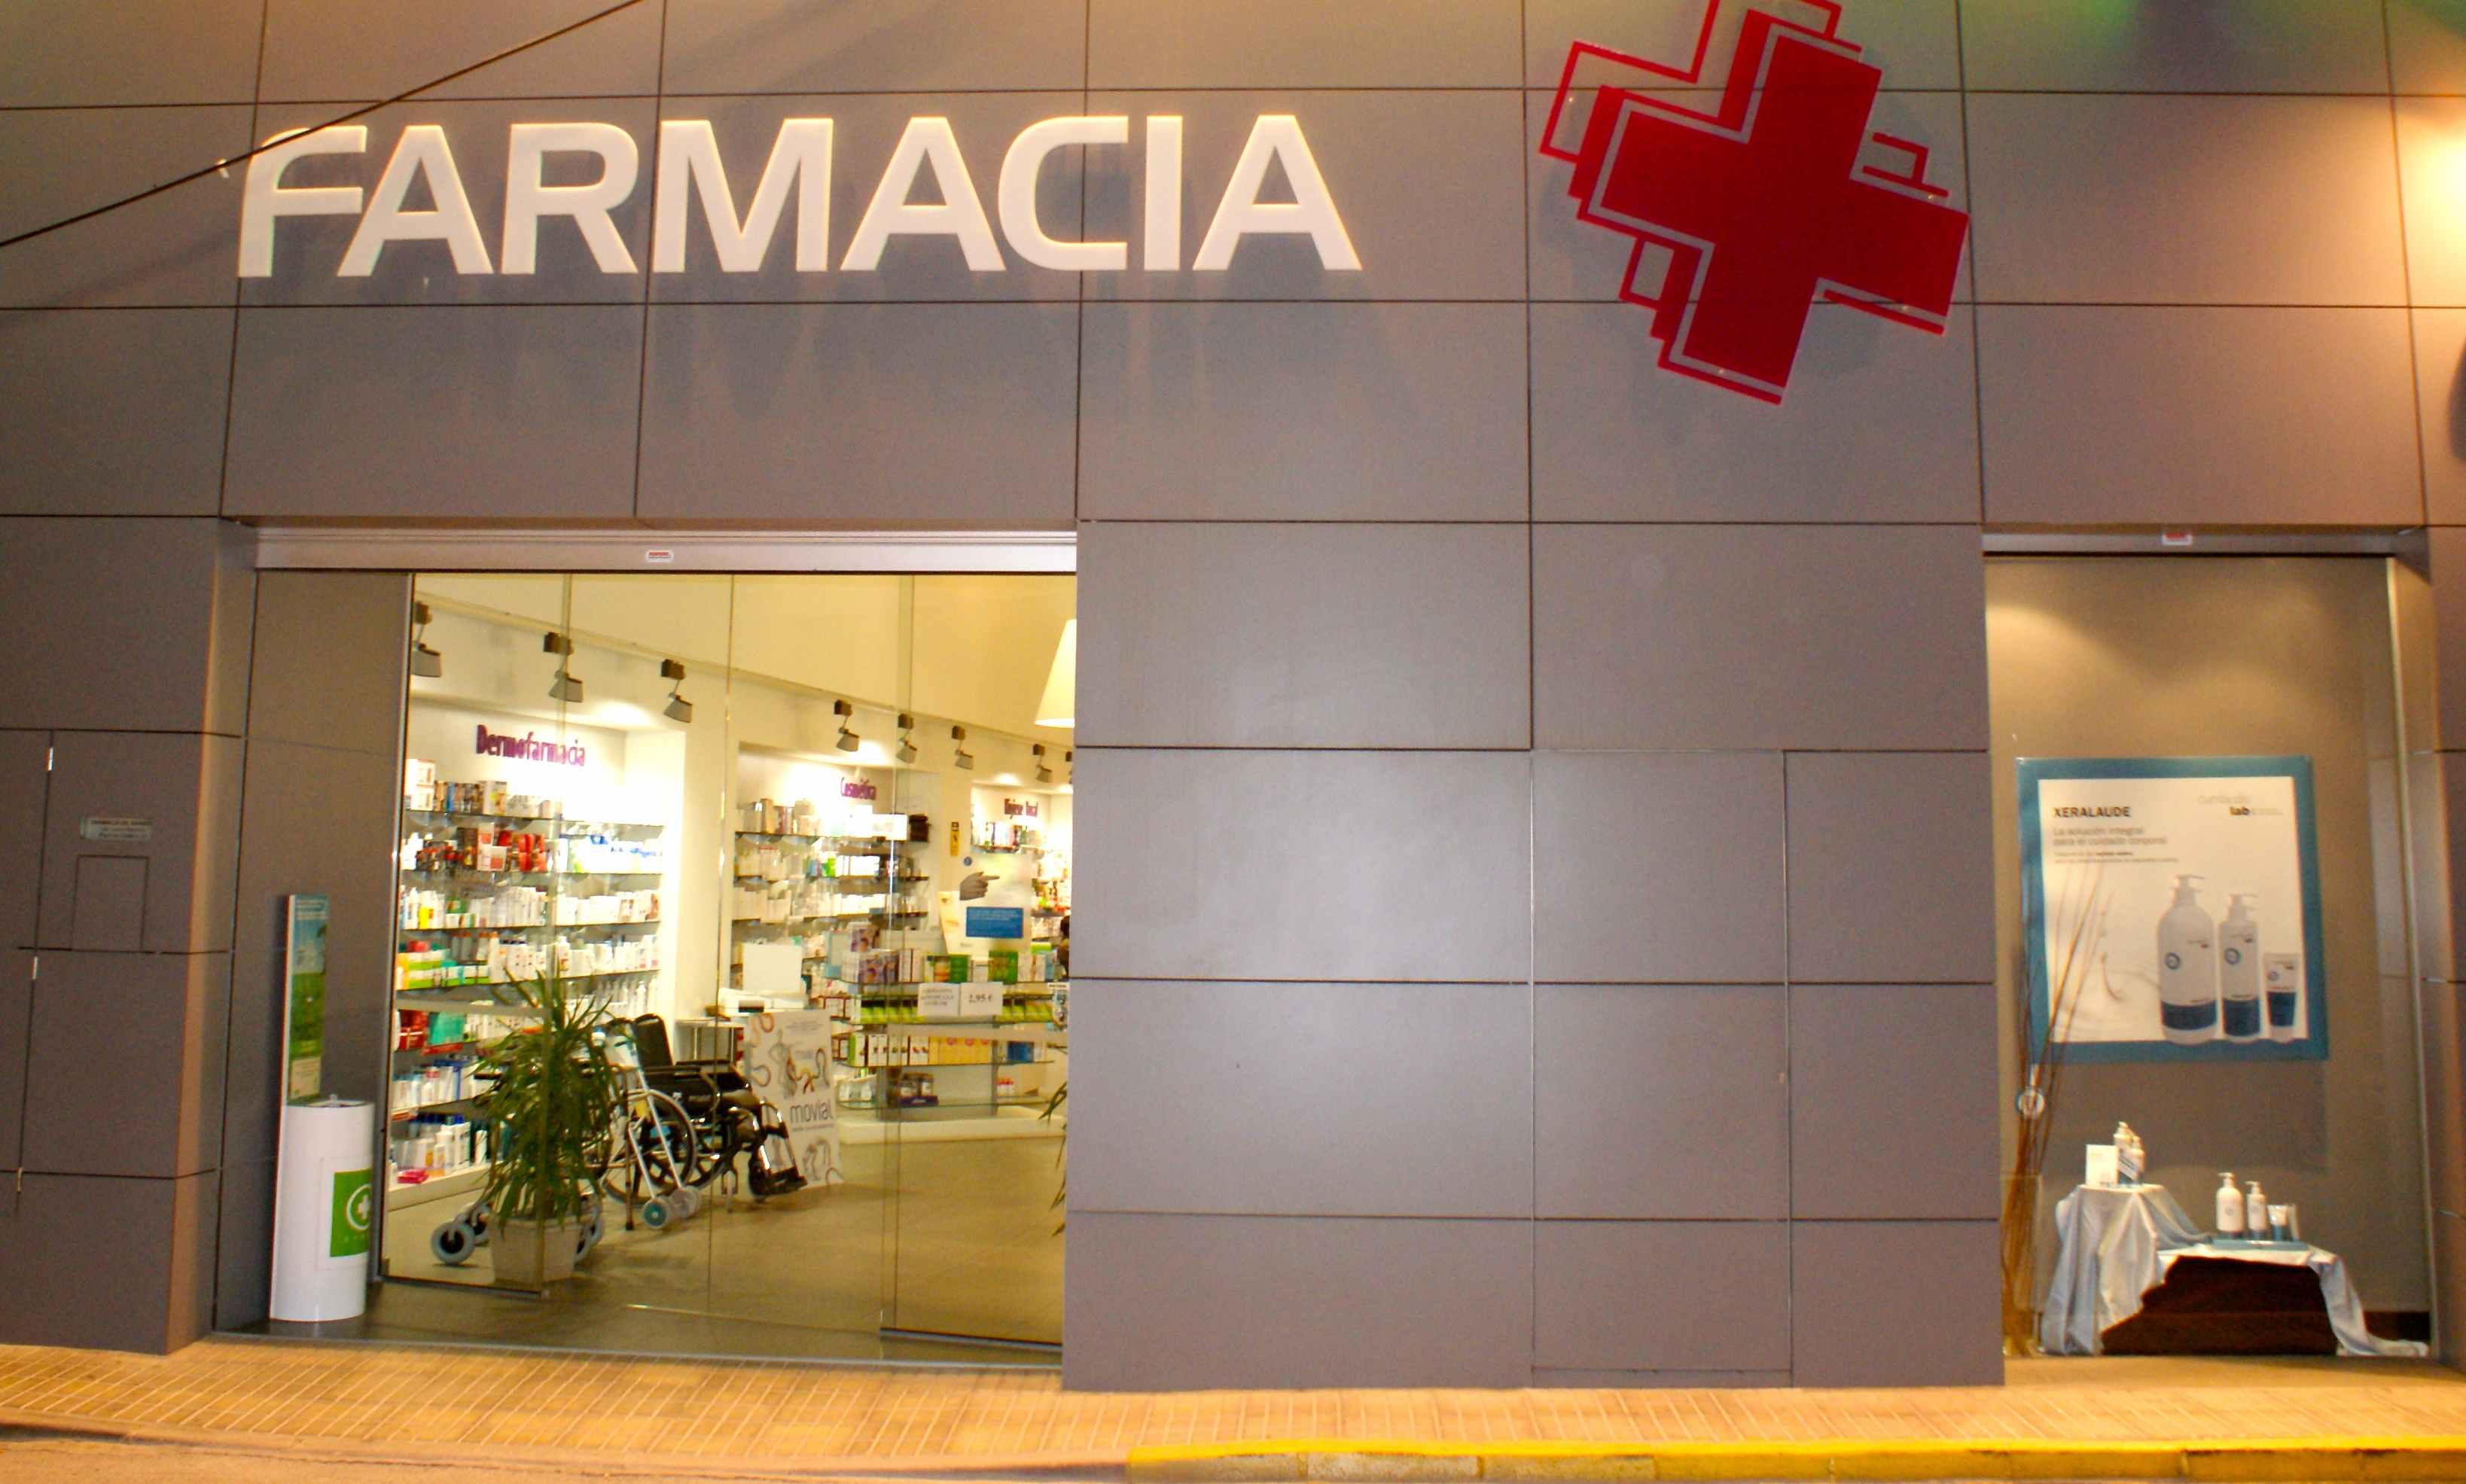 Farmacia Jorge Perez Logo